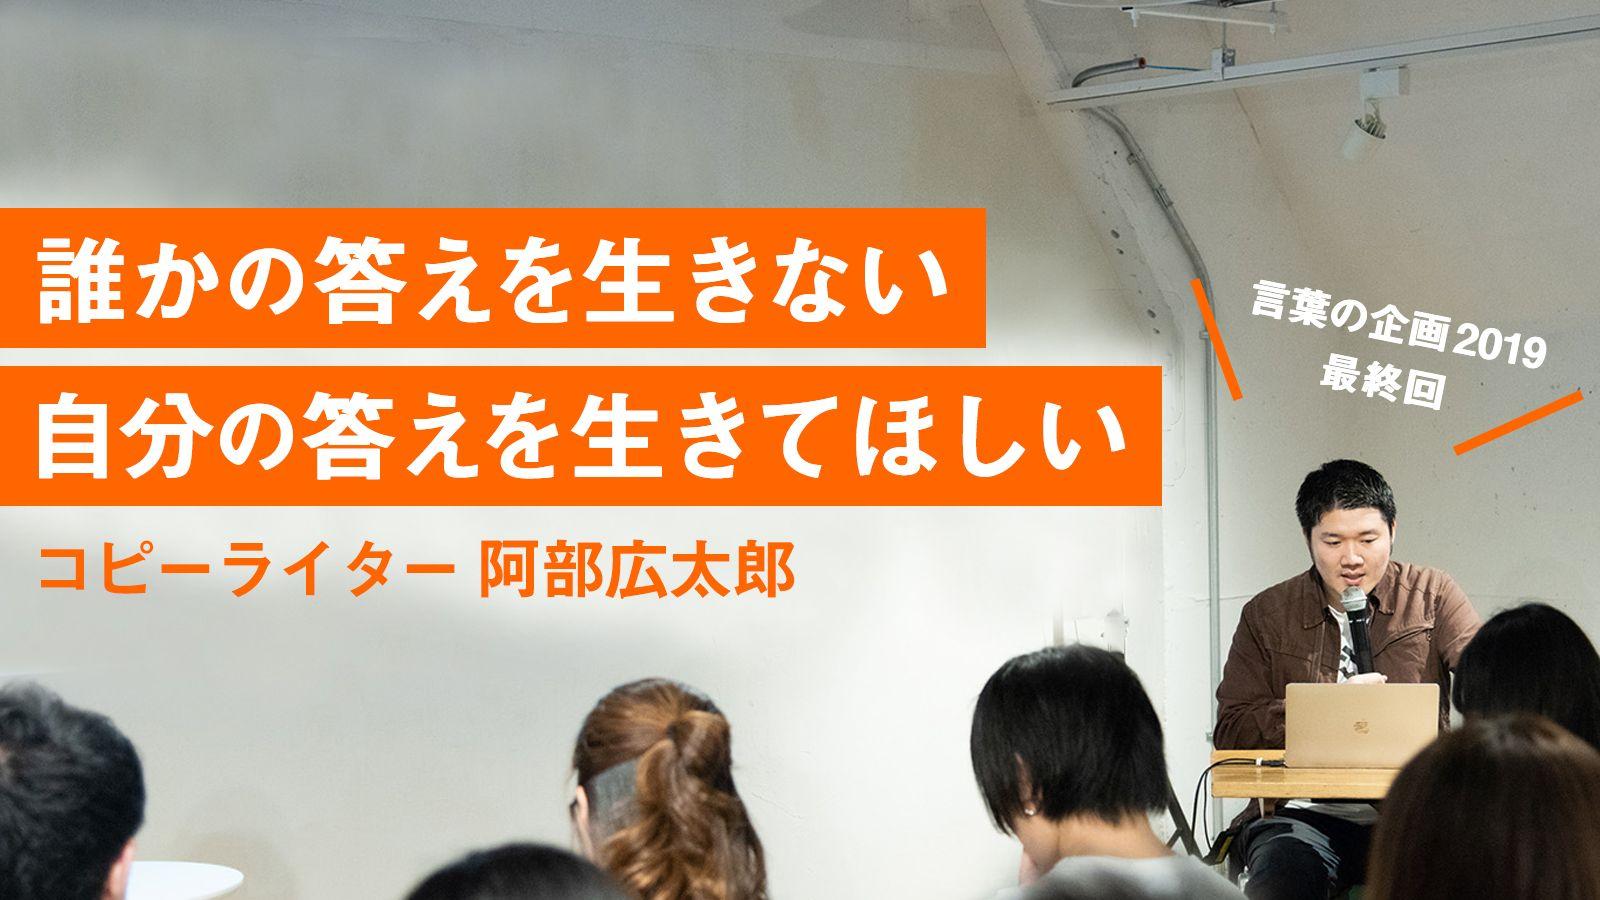 テクニックを捨てよ、自分を紡ごう。コピーライター 阿部広太郎さんと考える「書くこと」の本質